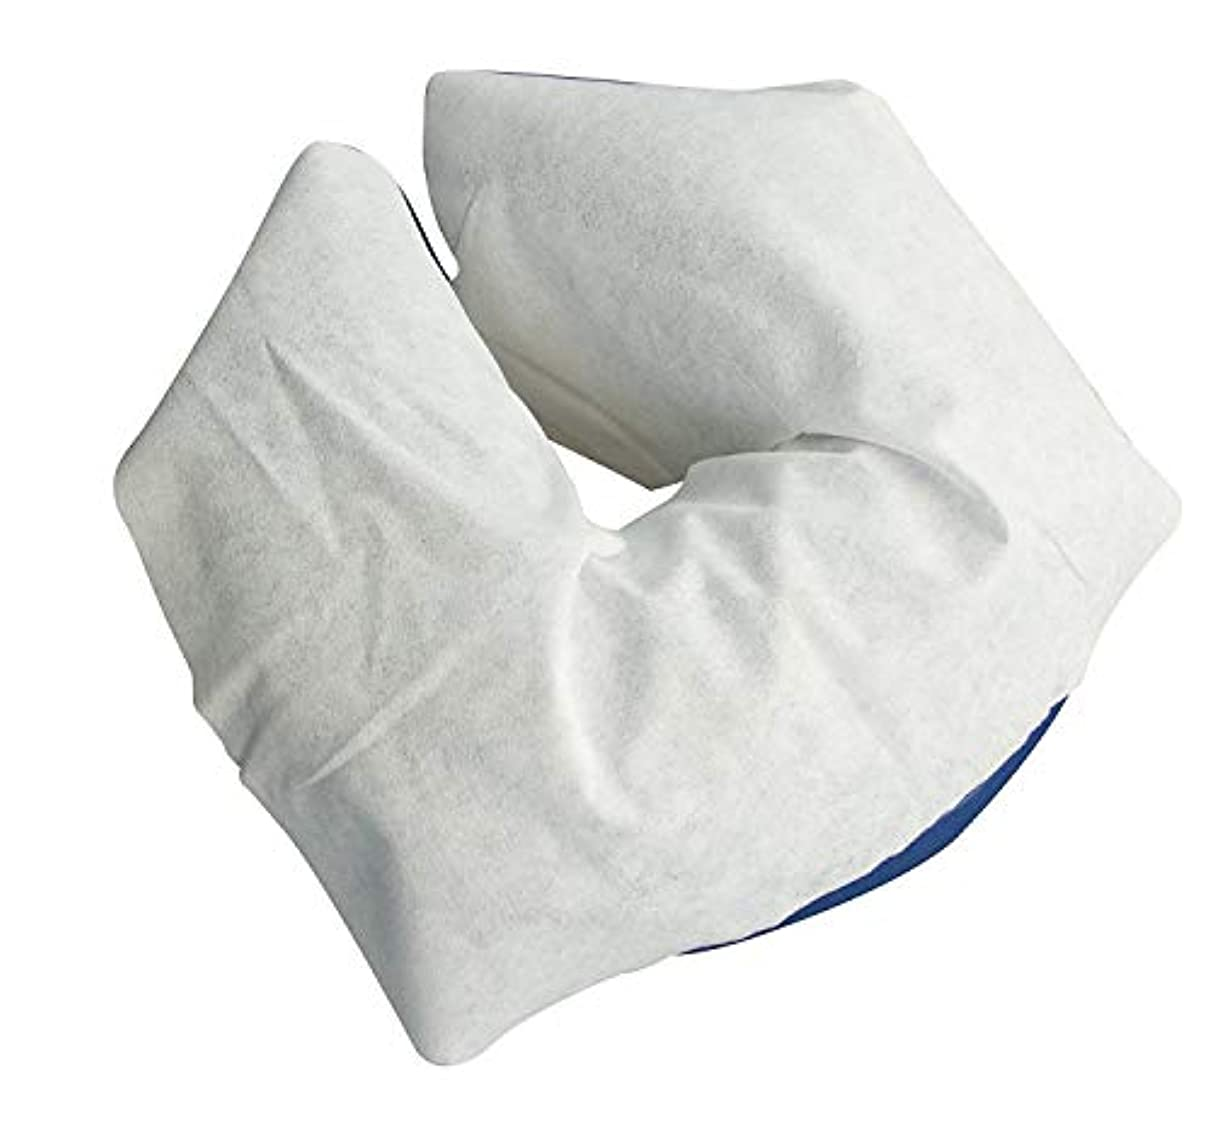 温帯立派な消化器Umora U字 ピローシート 使い捨てマクラカバー 業務用 美容 サロン 100%綿 柔軟 厚手(100枚)